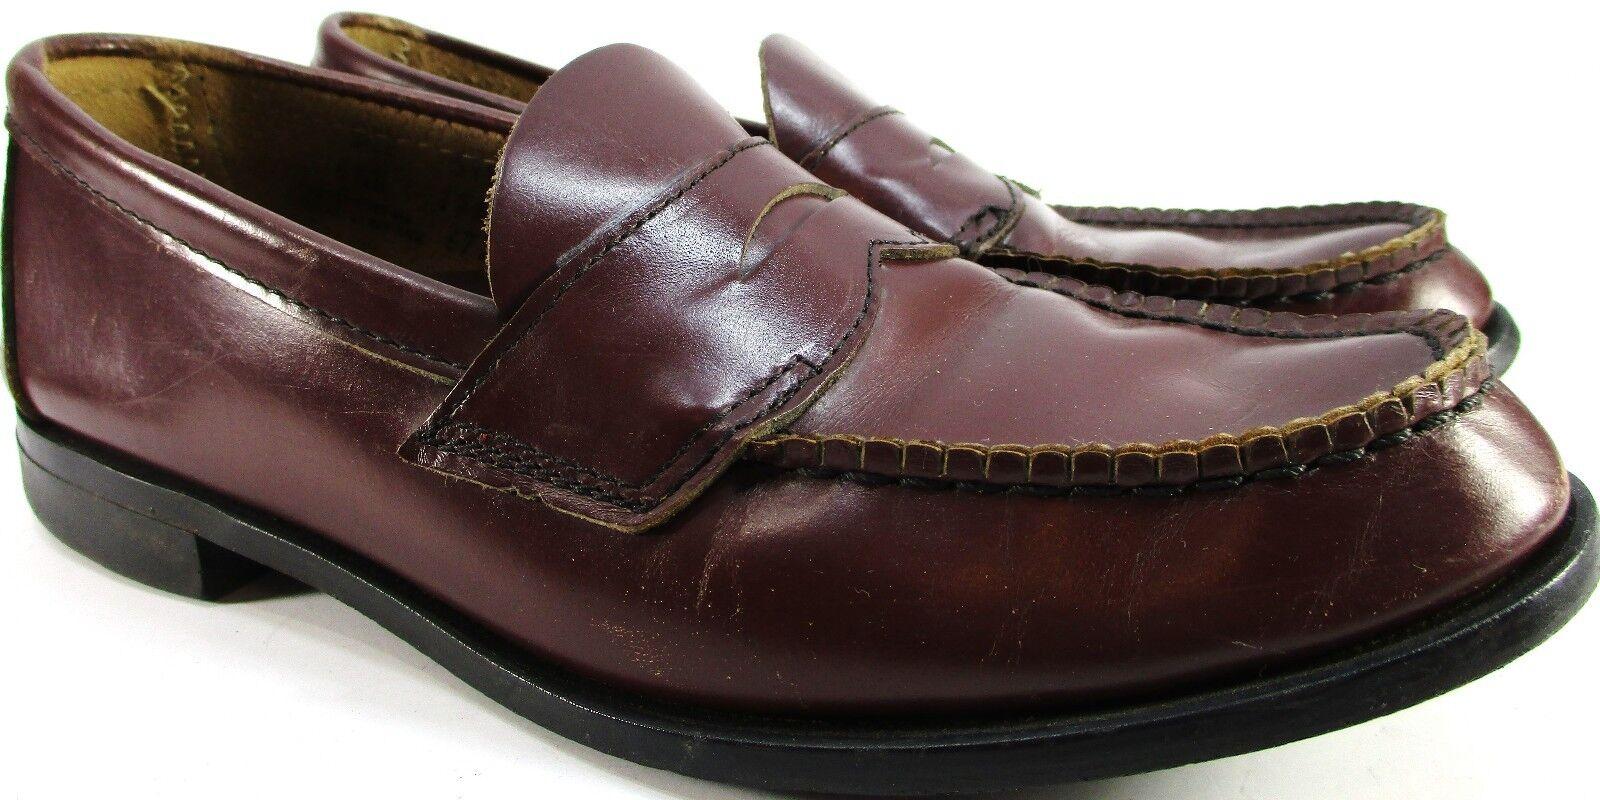 Crosby Square Junior Uomo Penny Loafers Taglia 5.5 D marrone Style 6720 Made USA